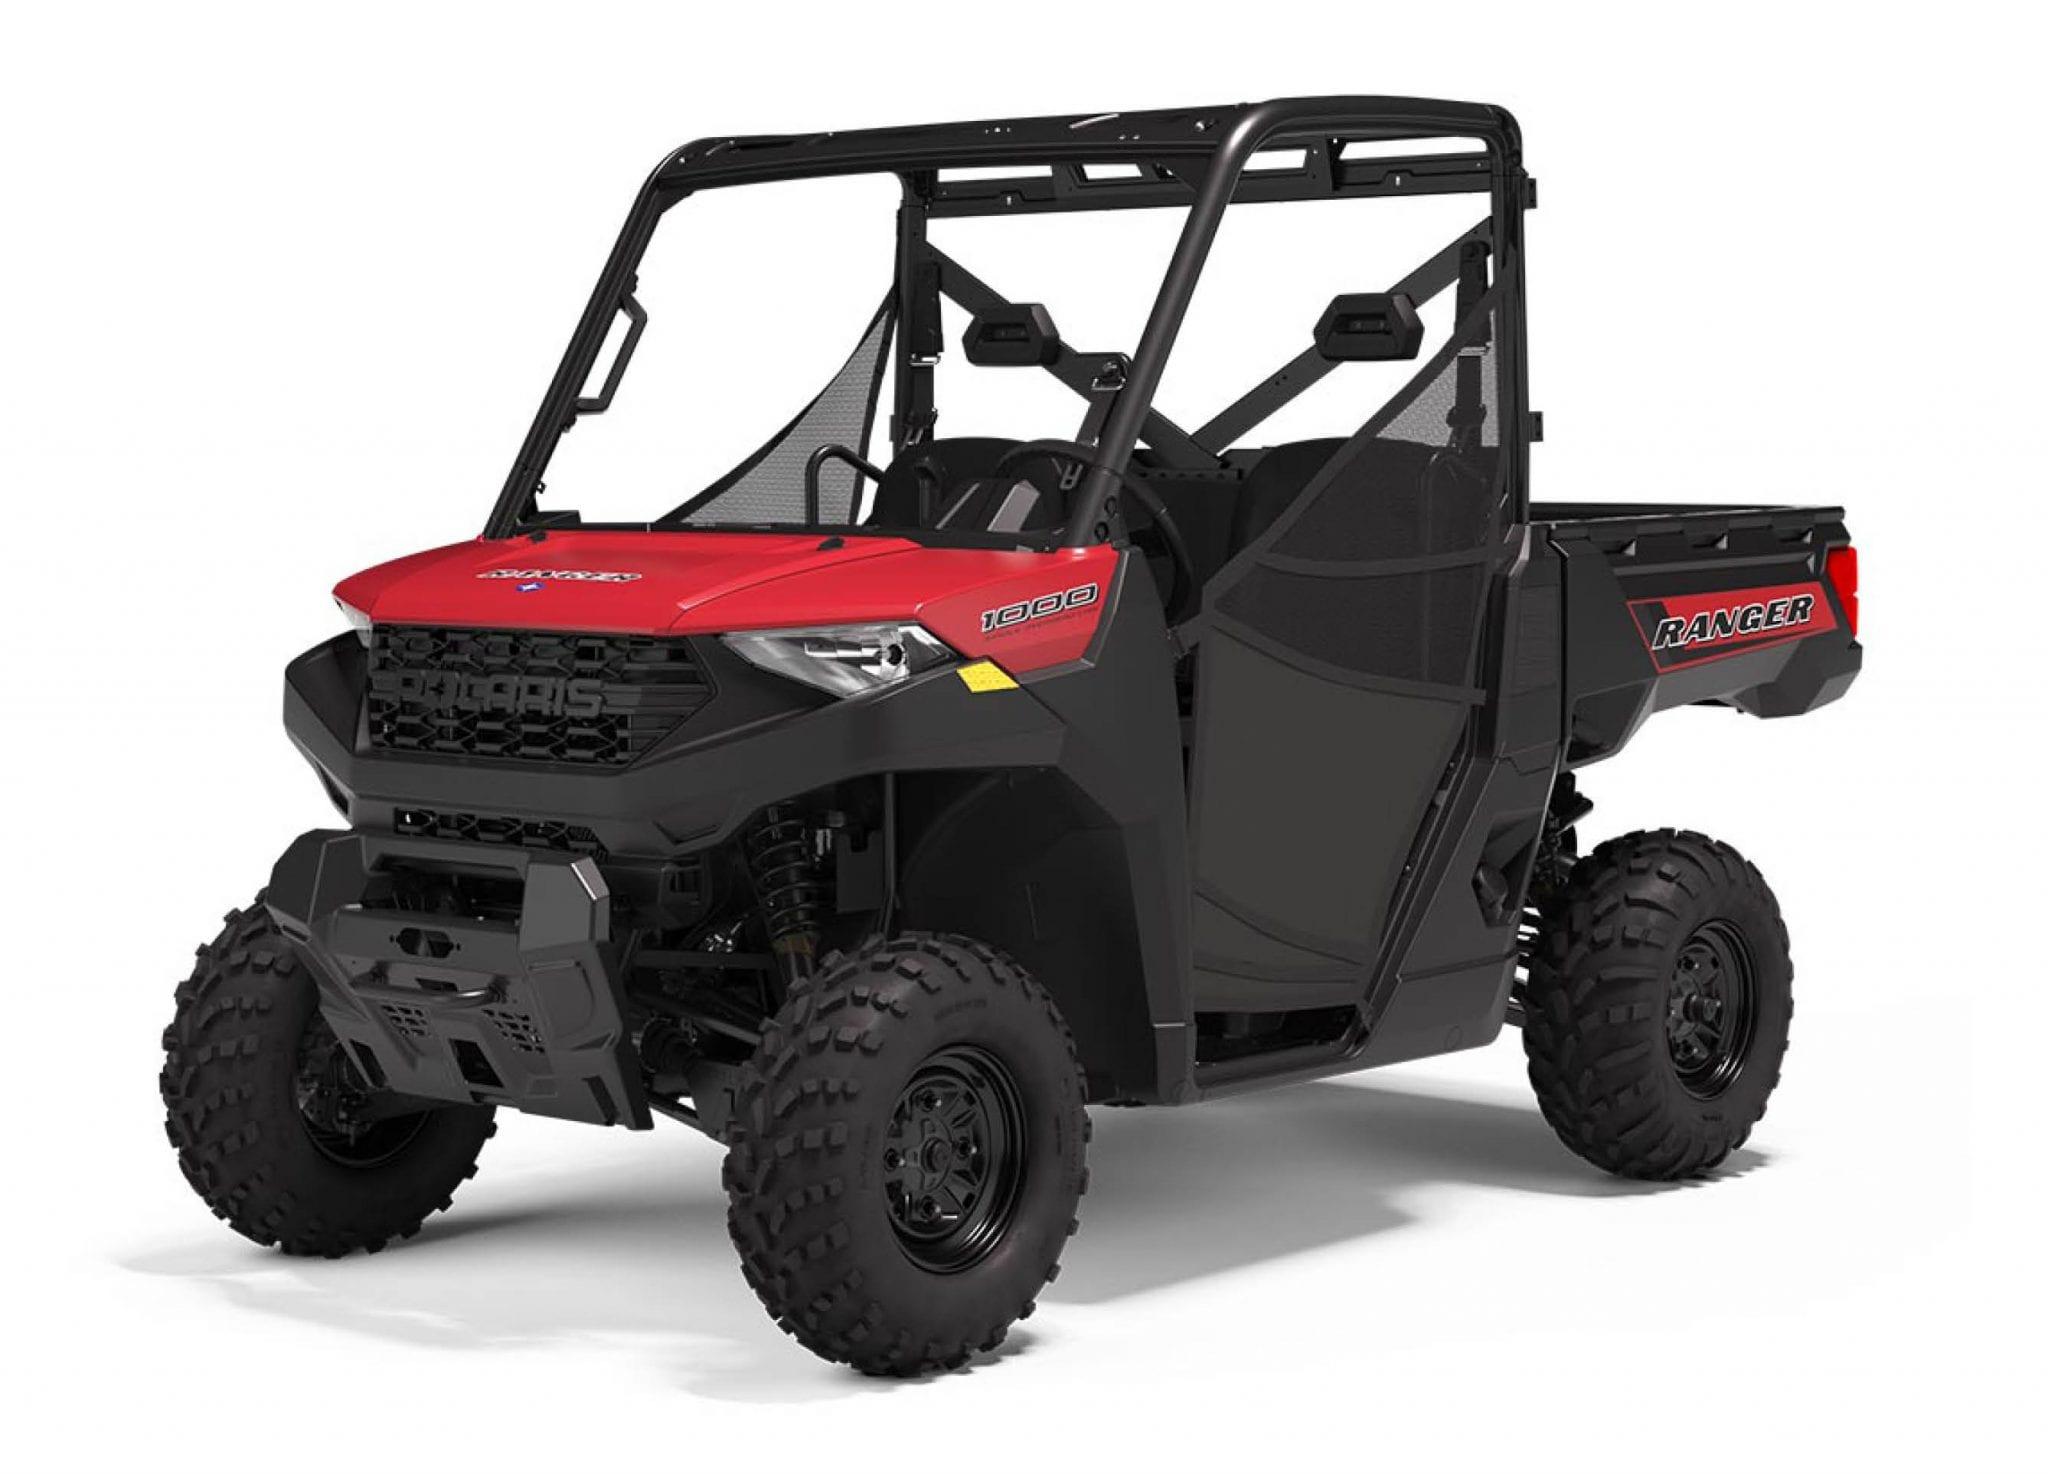 ranger-1000-eps